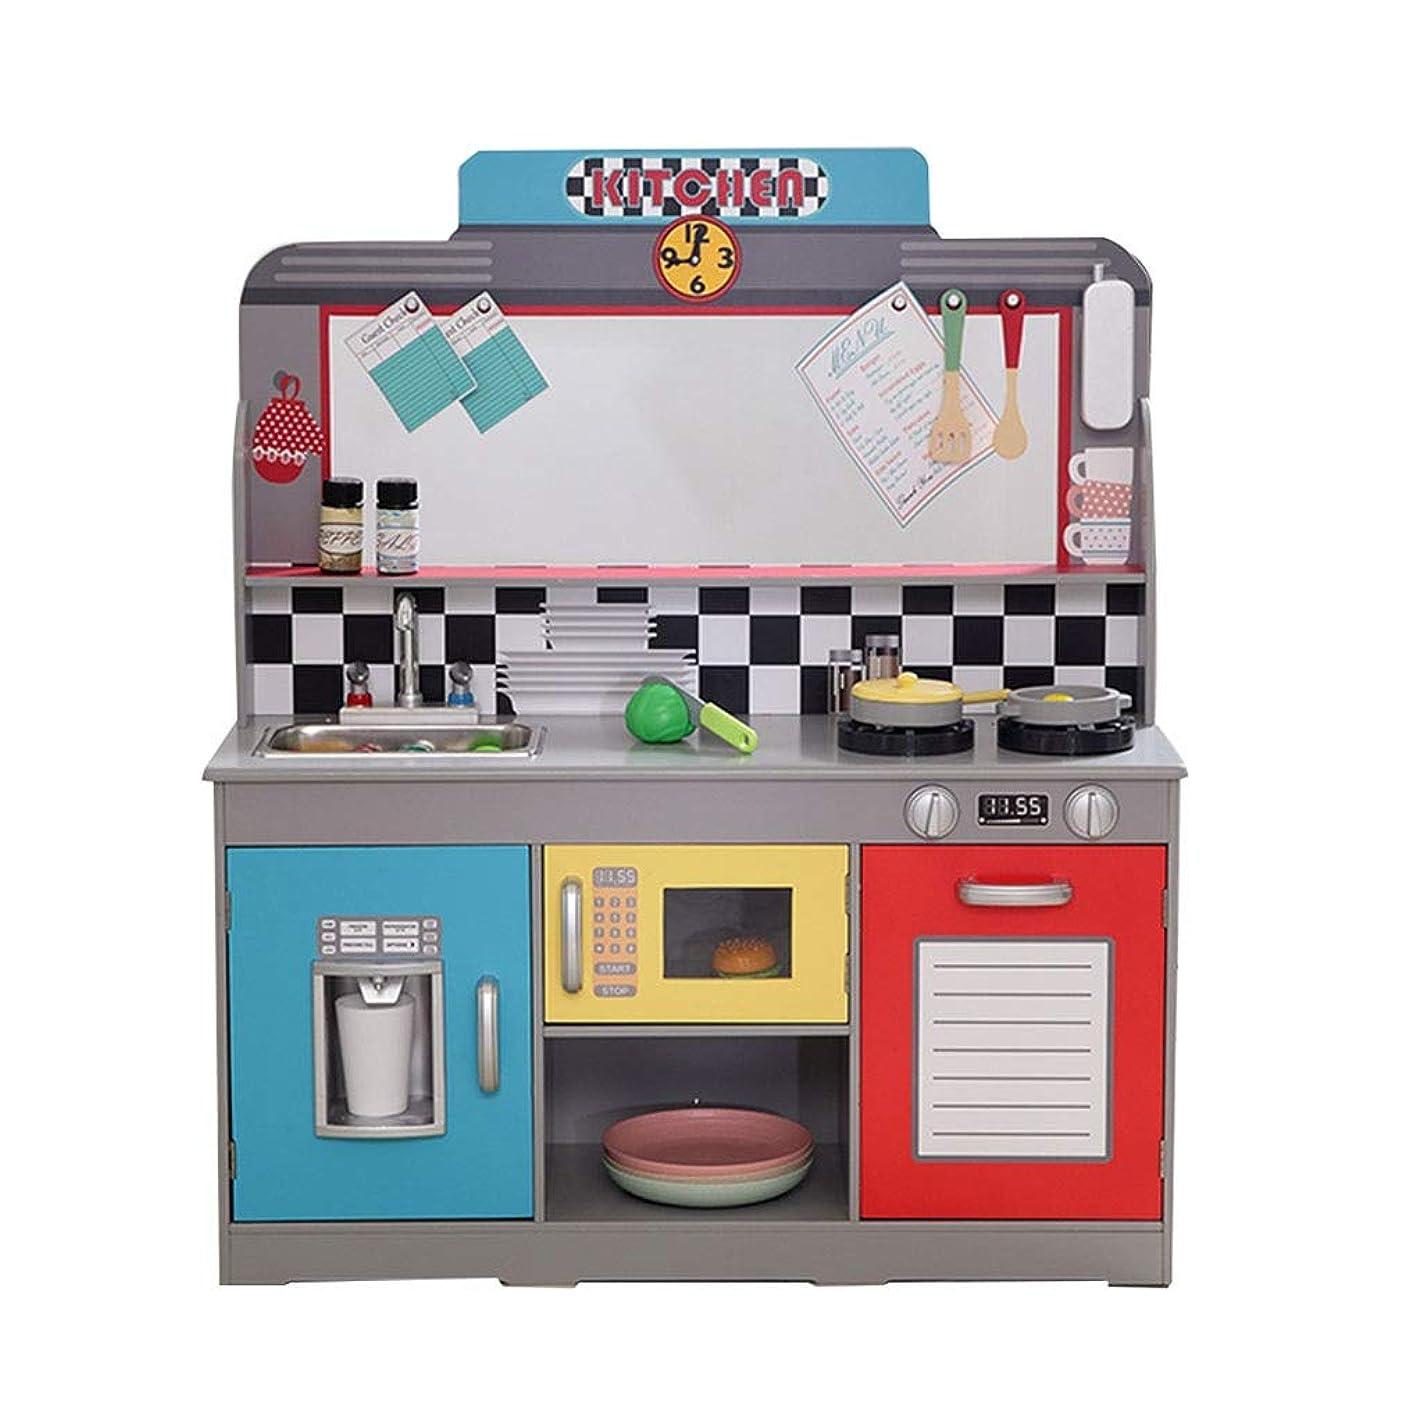 ゲインセイ突撃高音調理器具?食器 ミニキッズキッチンおもちゃ木製キッチンプレイセットクッキングスーツロールプレイング誕生日プレゼント (Color : Blue, Size : 90*30*145cm)